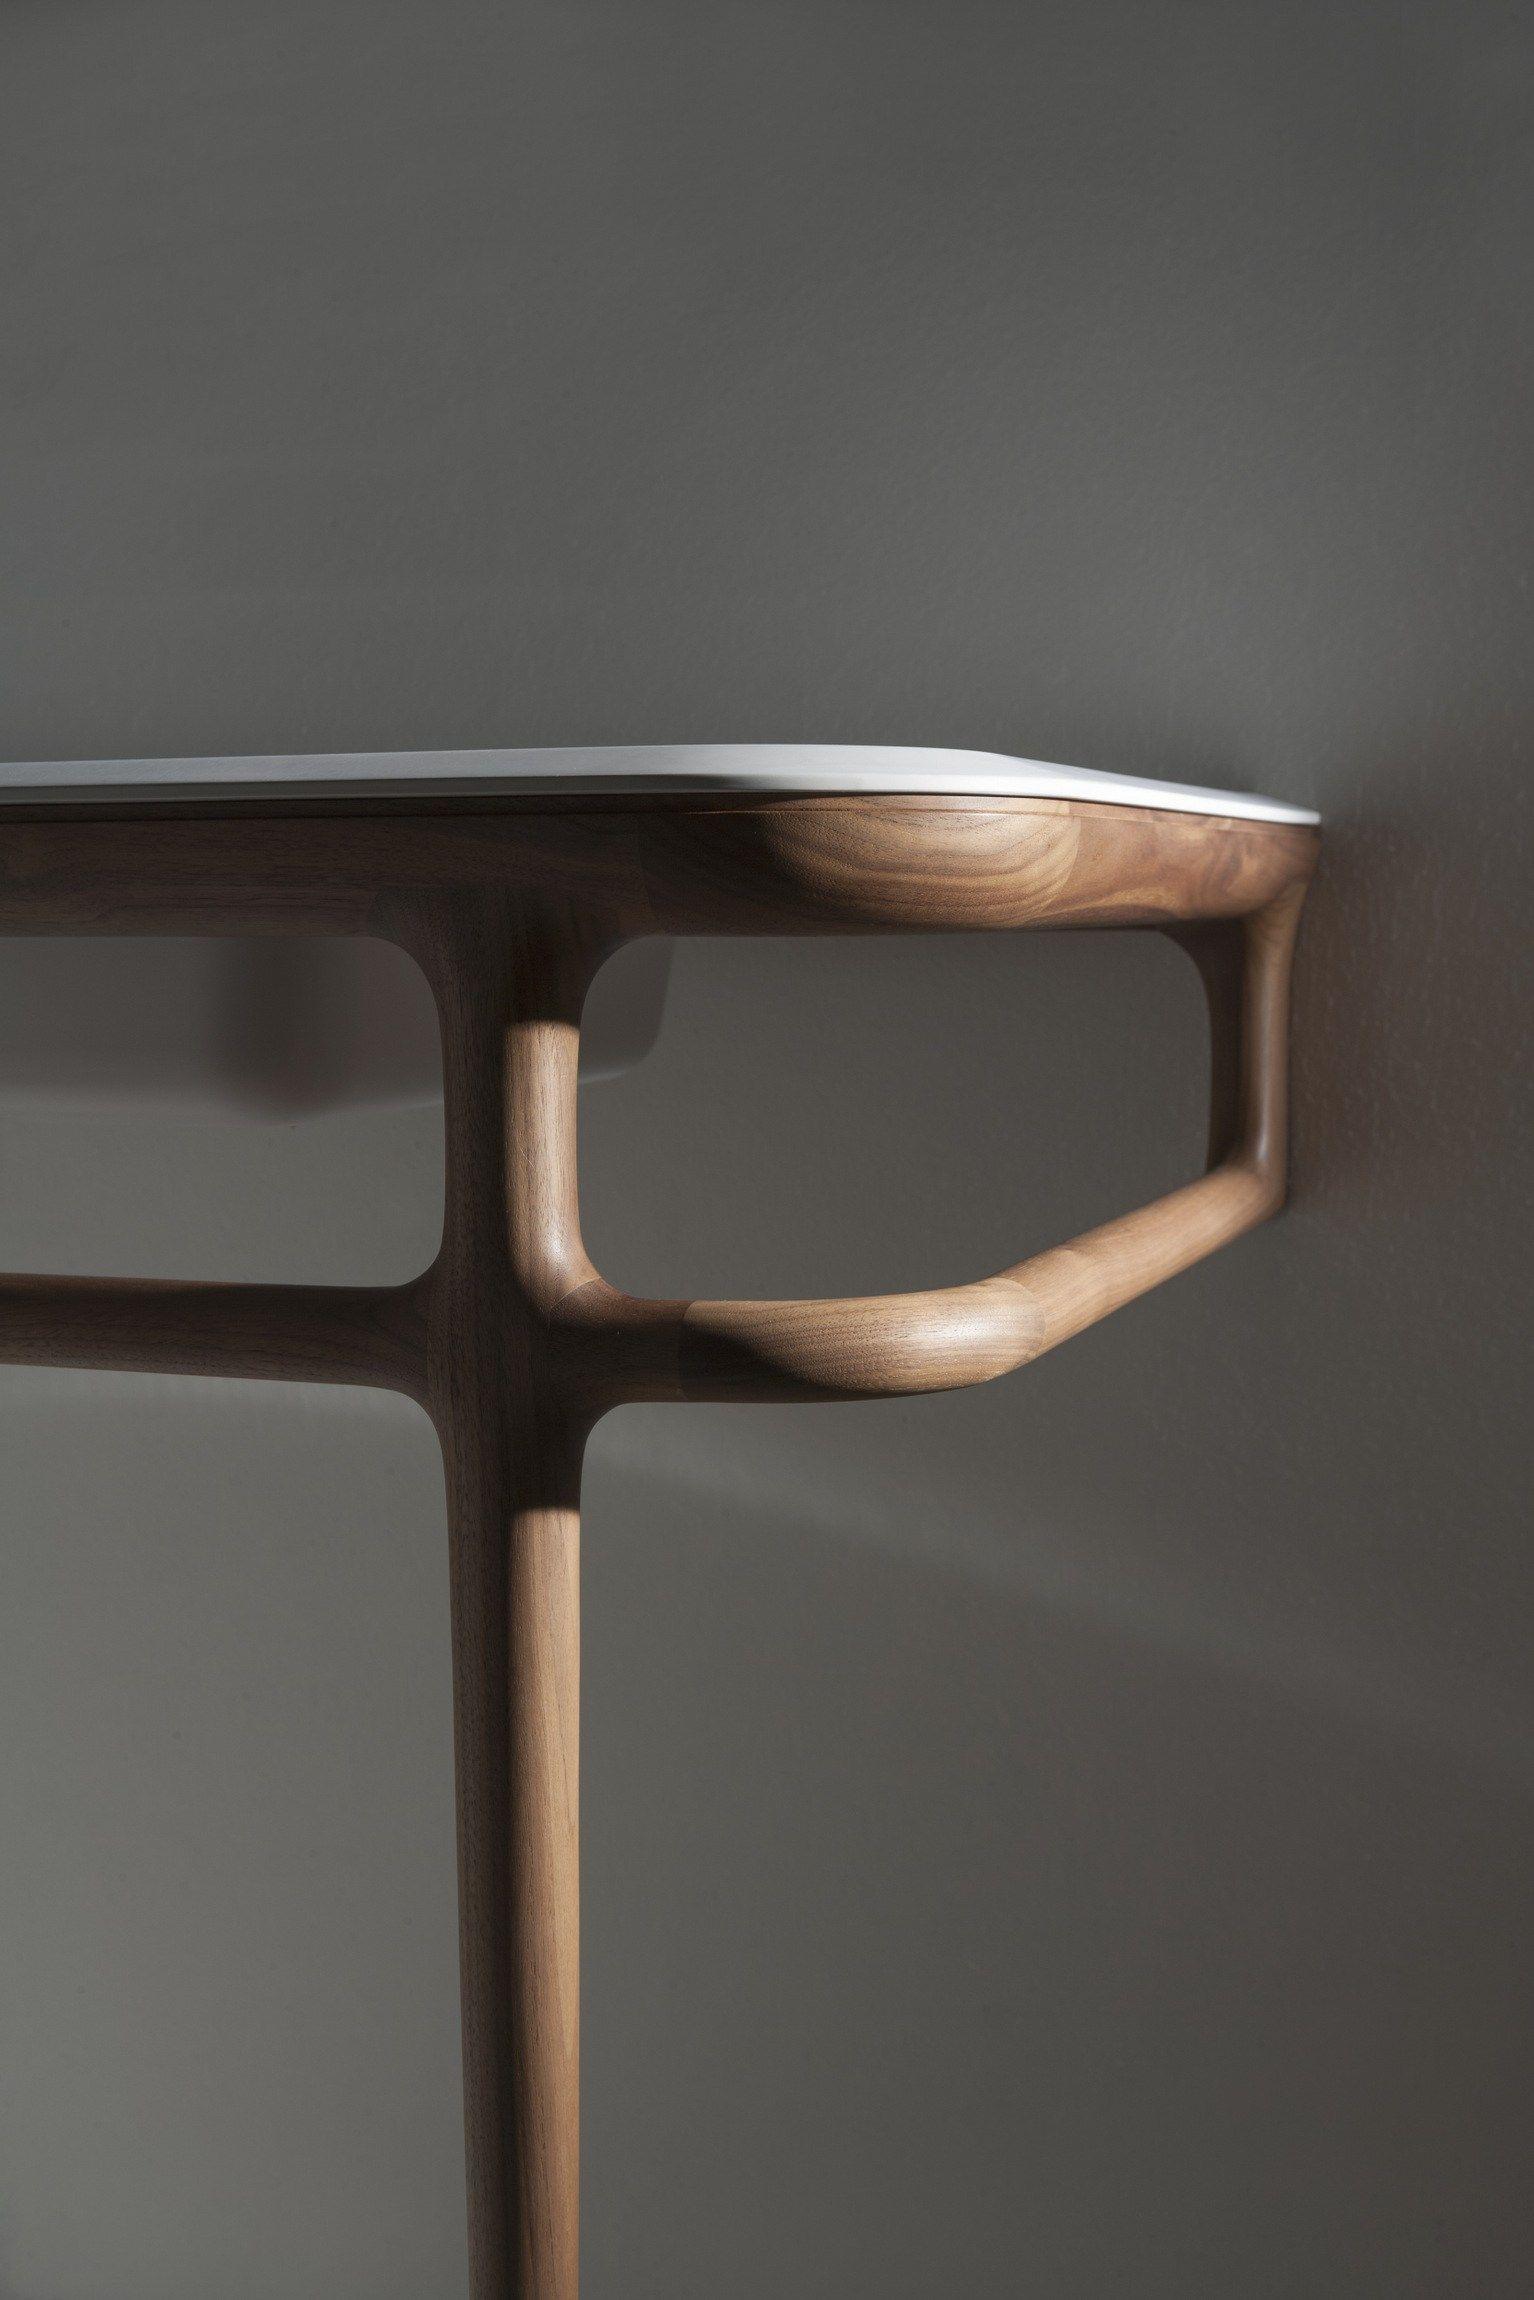 Lavabo A Consolle Armonia Collezione Ilbagno By Antonio Lupi  # Table Teles Design